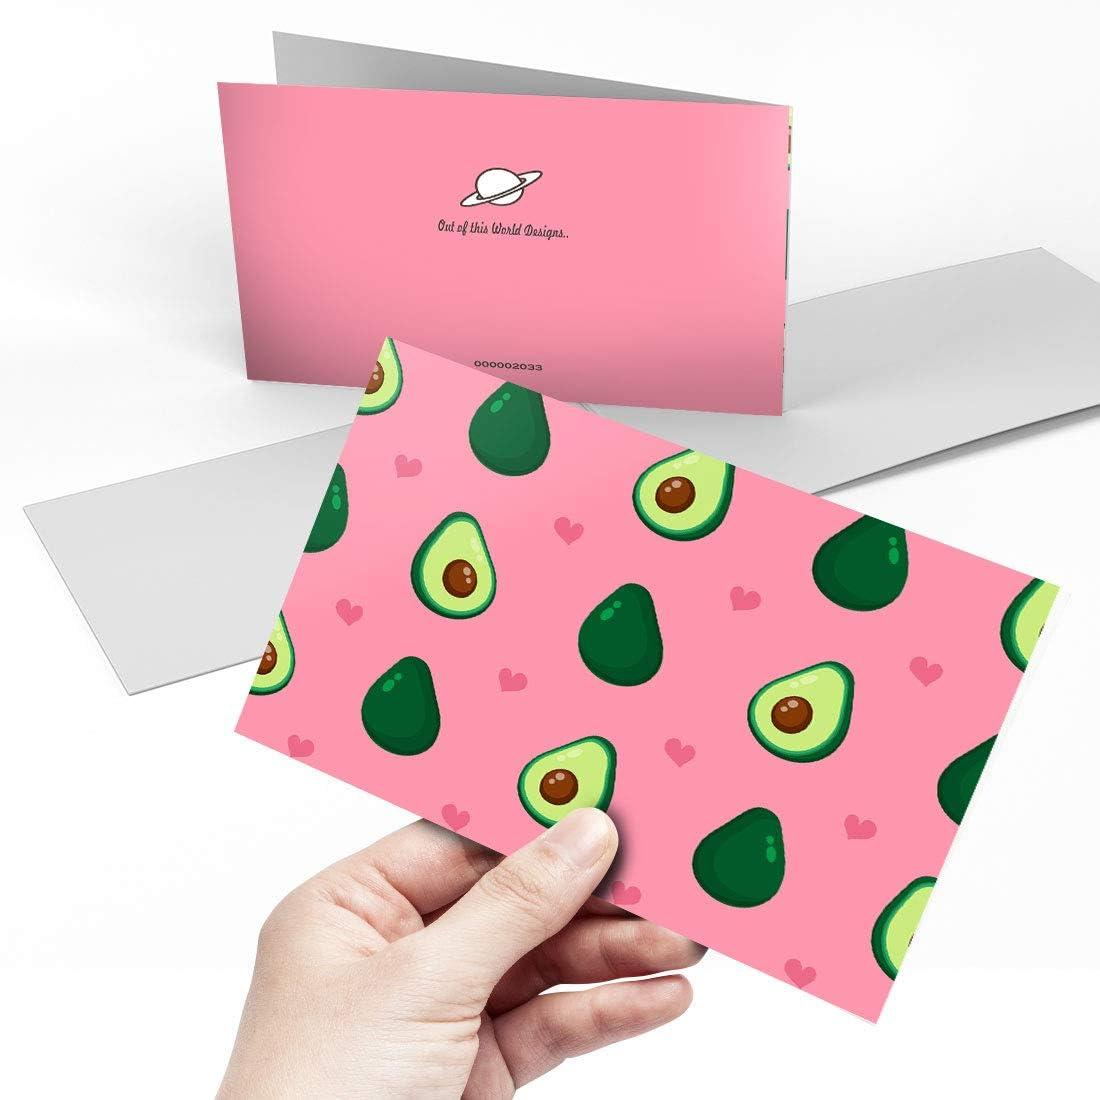 A5 dise/ño de aguacate rosa con texto en blanco Tarjeta de felicitaci/ón